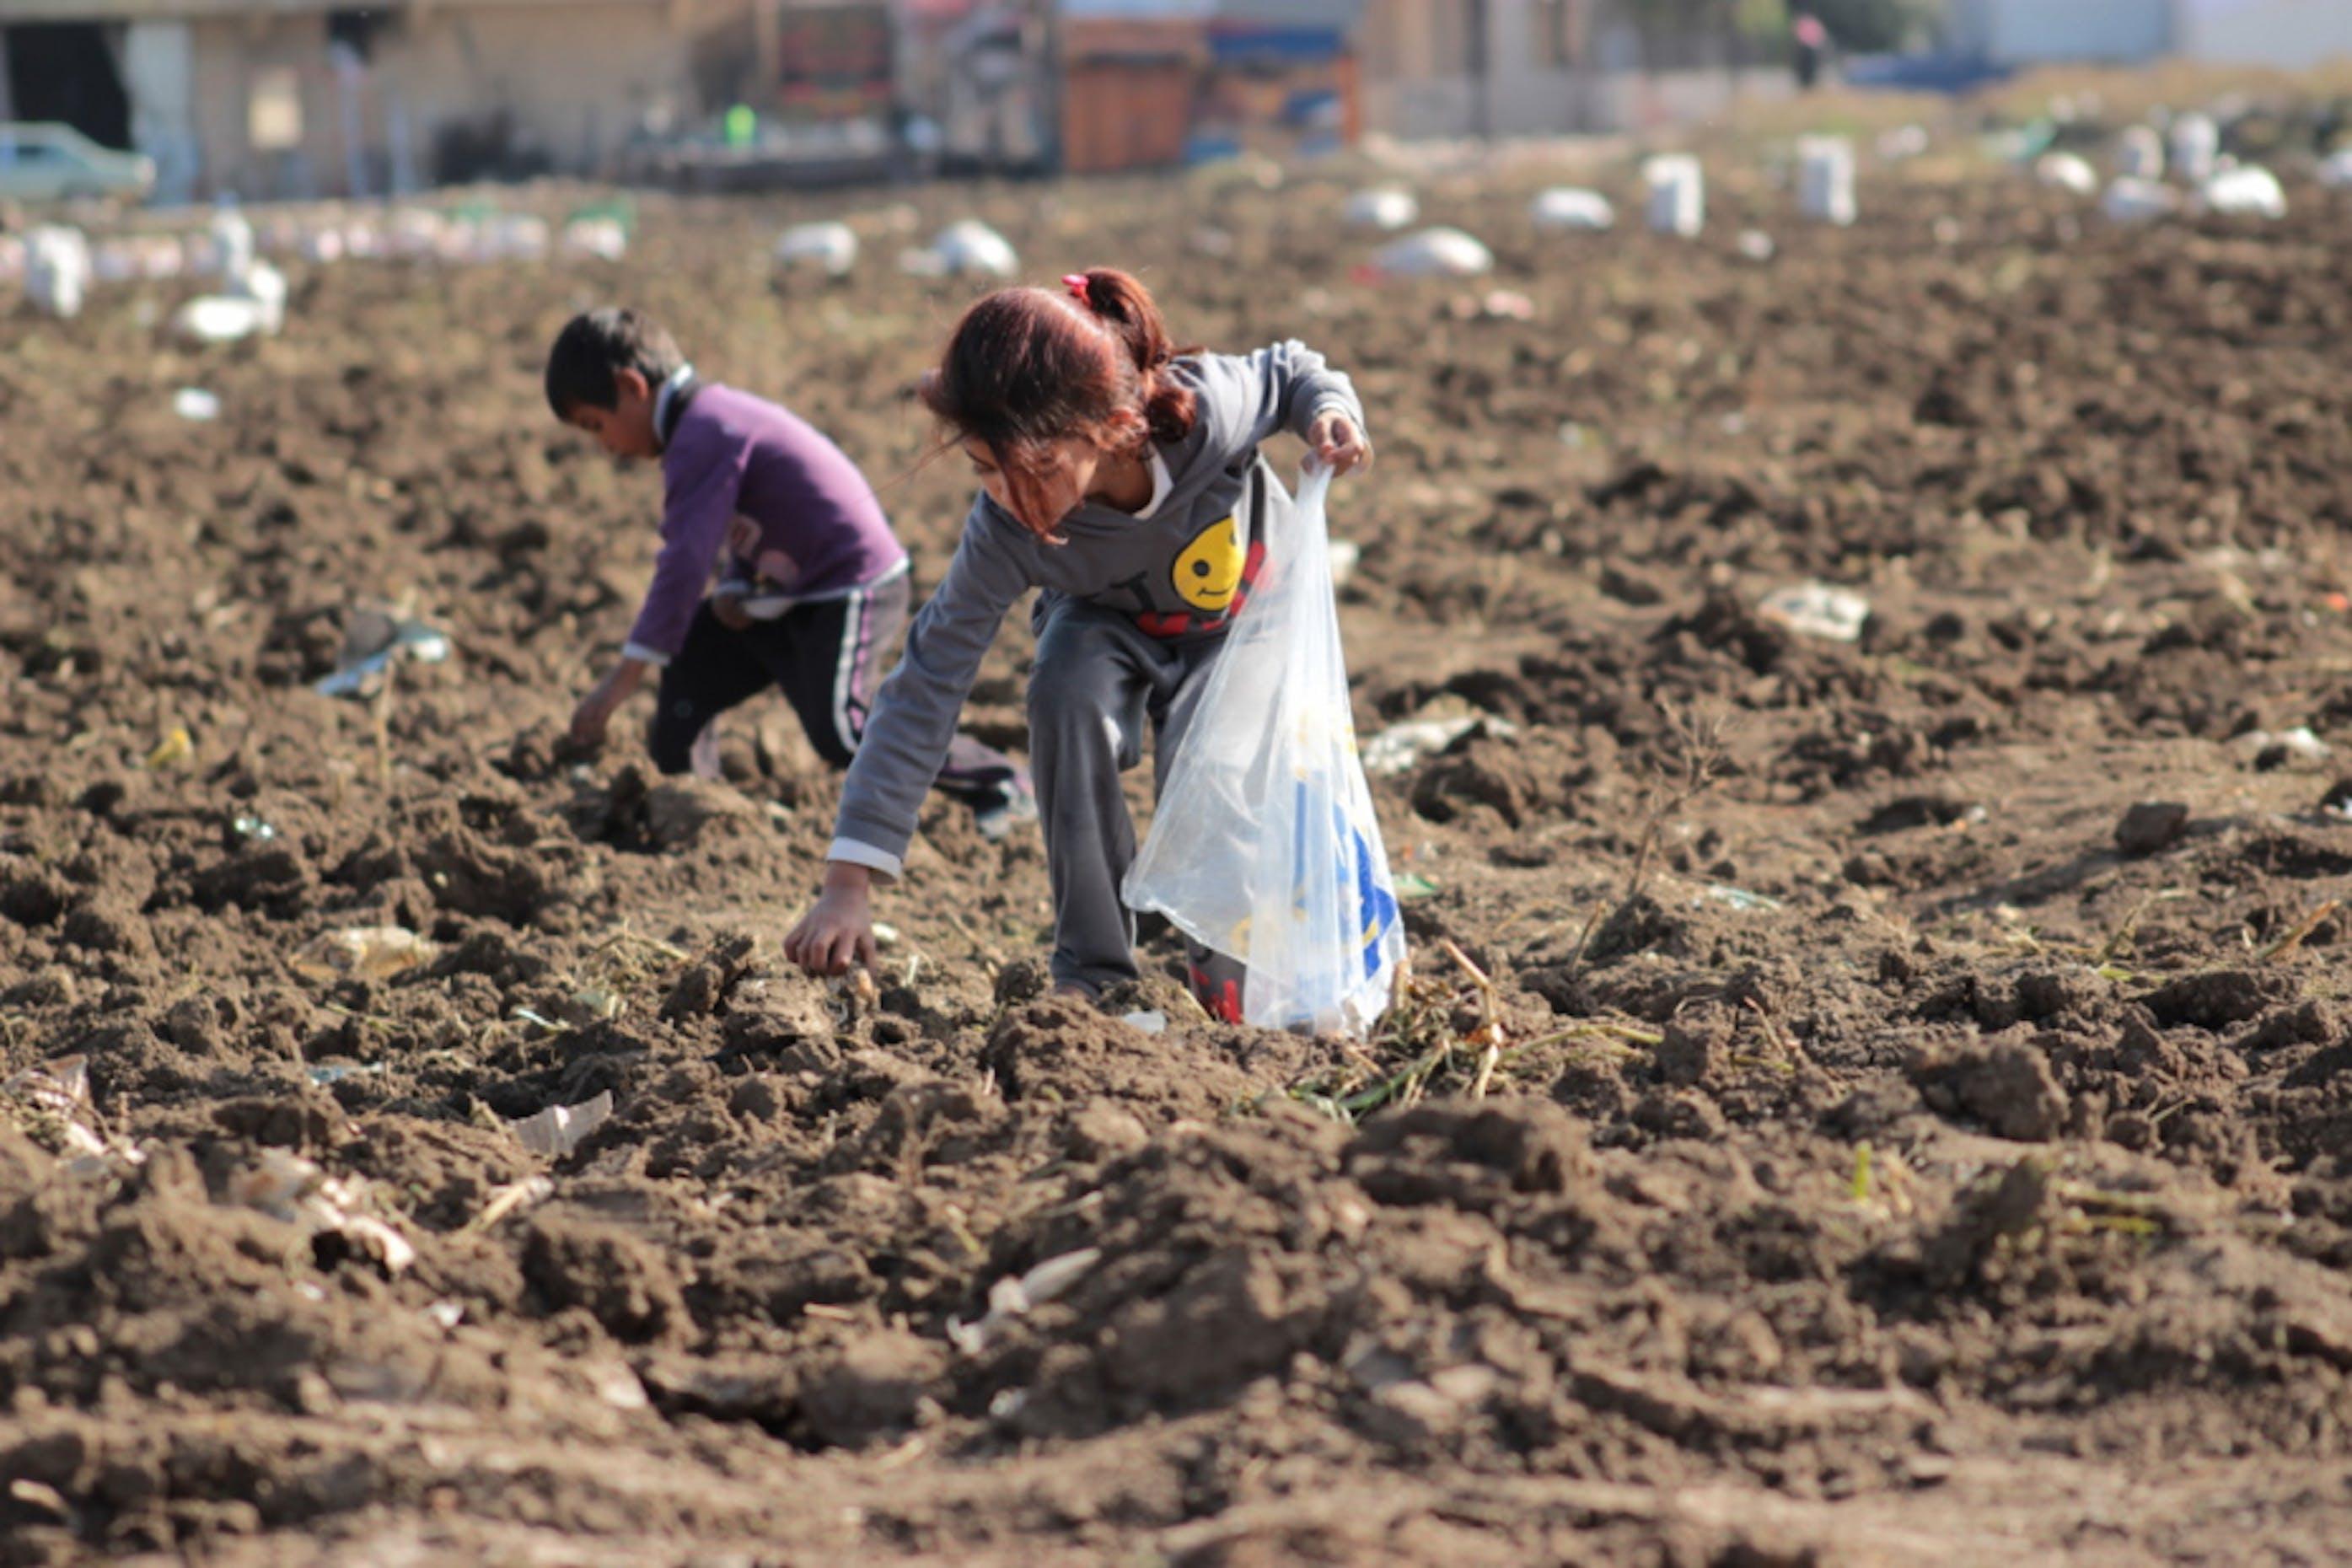 Questi bambini profughi siriani lavorano insieme agli adulti in un campo di patate in Libano. Spesso, a fine giornata, tornano con delle buste per raccattare di nascosto qualche patata rimasta nel terreno - ©Ahmad Baroudi/Save the Children